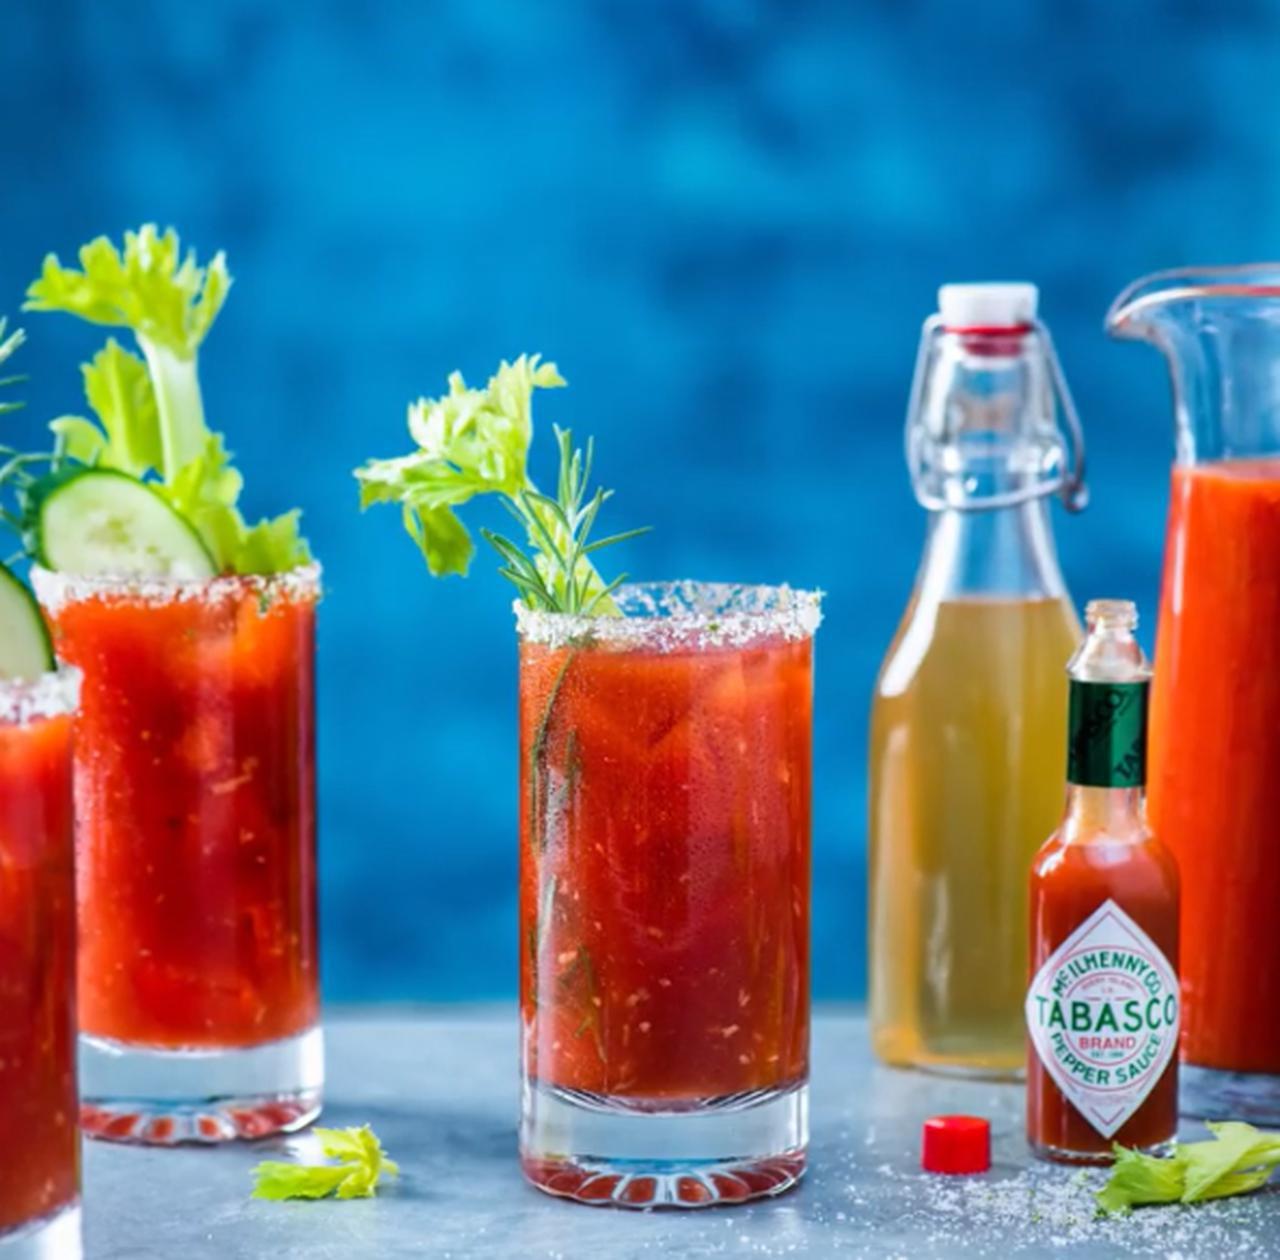 画像2: オンライン飲み会で試したい!「TABASCO®ソース」×「お酒」